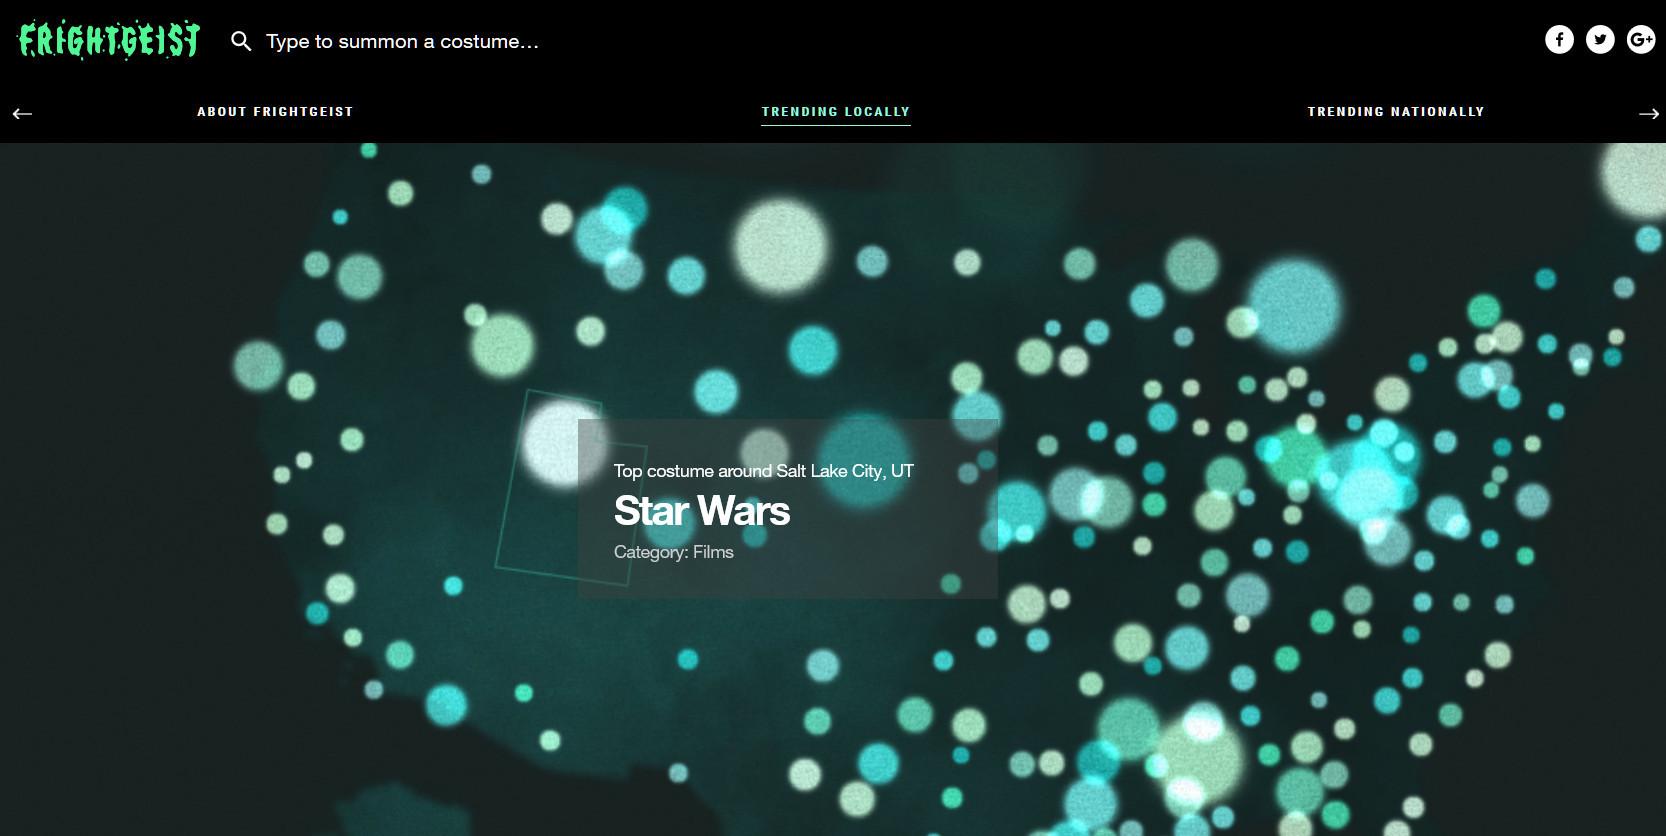 Необычные сайты 2016 от Webby Awards - 5